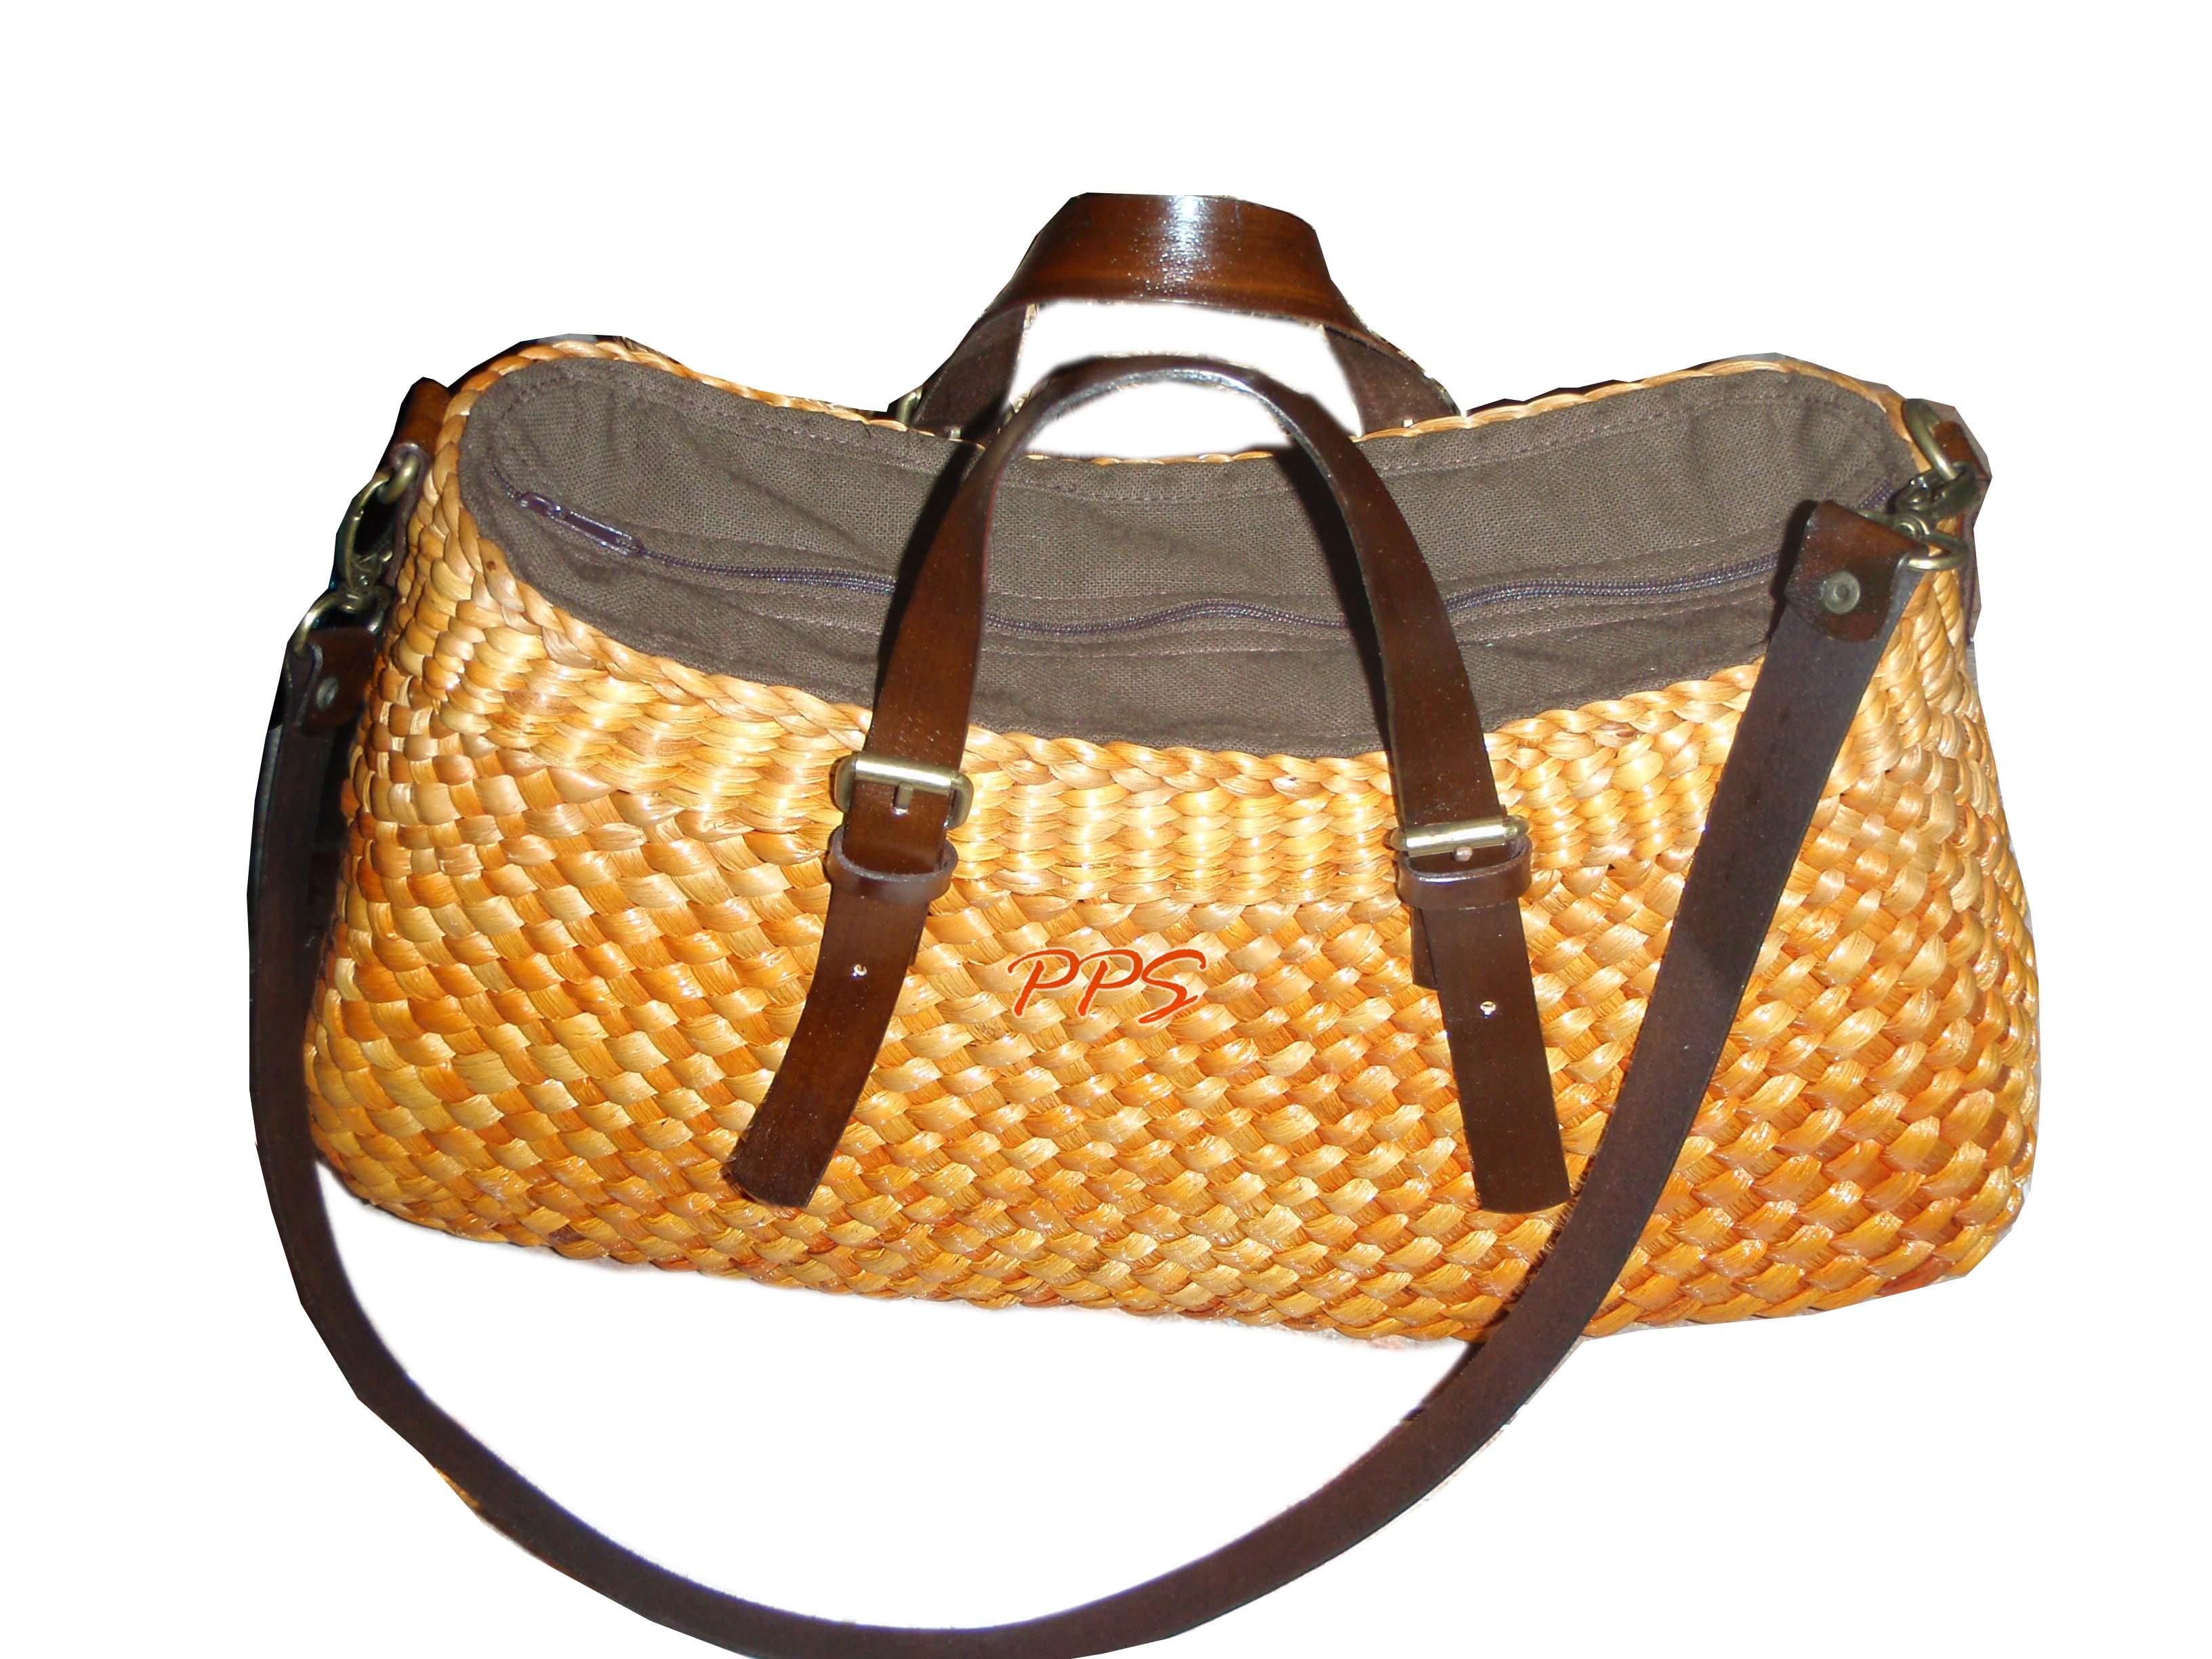 Hyacinth Bag-PPS Bag brand 26